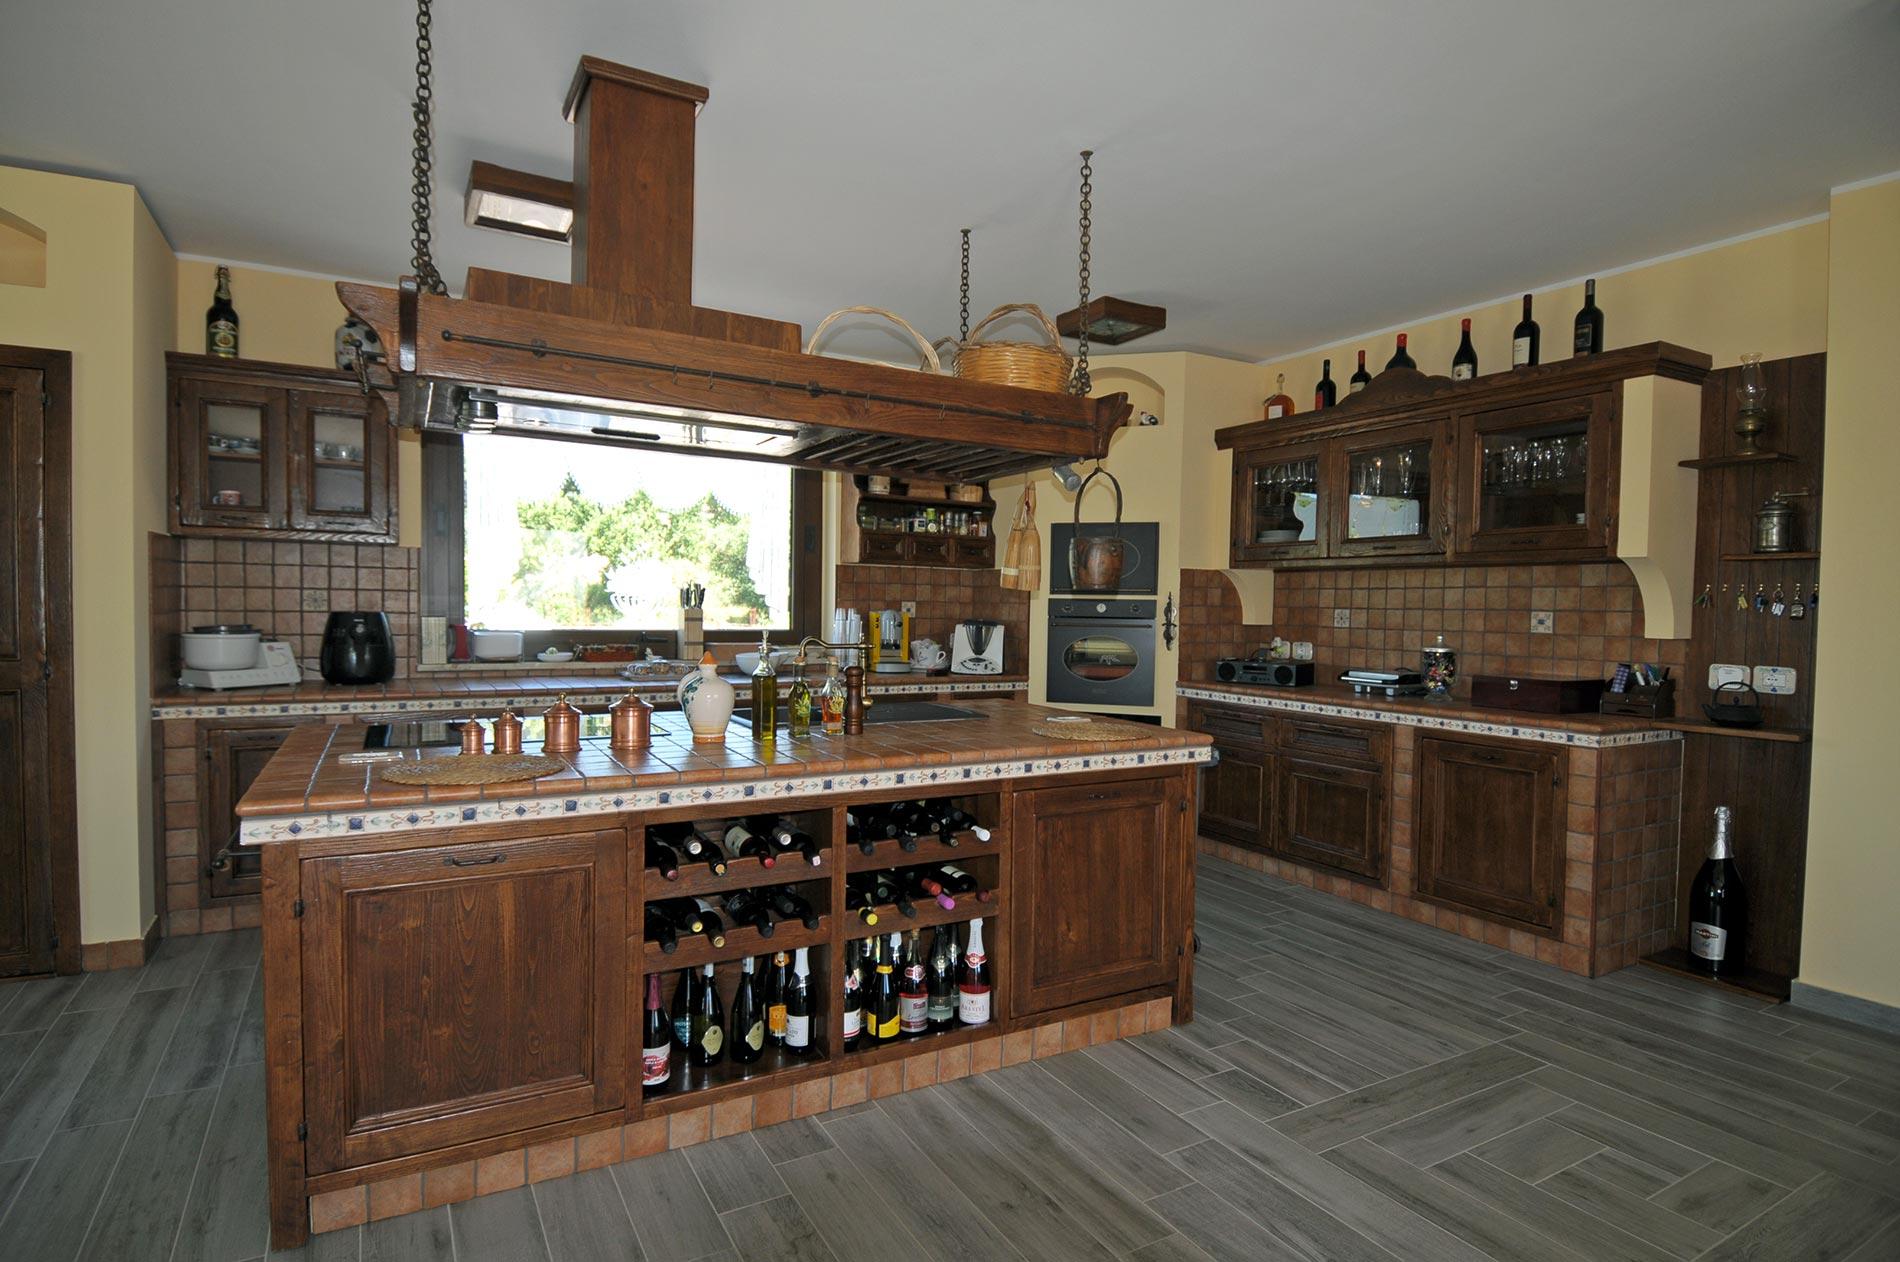 Cucina finta muratura tosca rivenditori cucine sicilia - Cucina in muratura ...